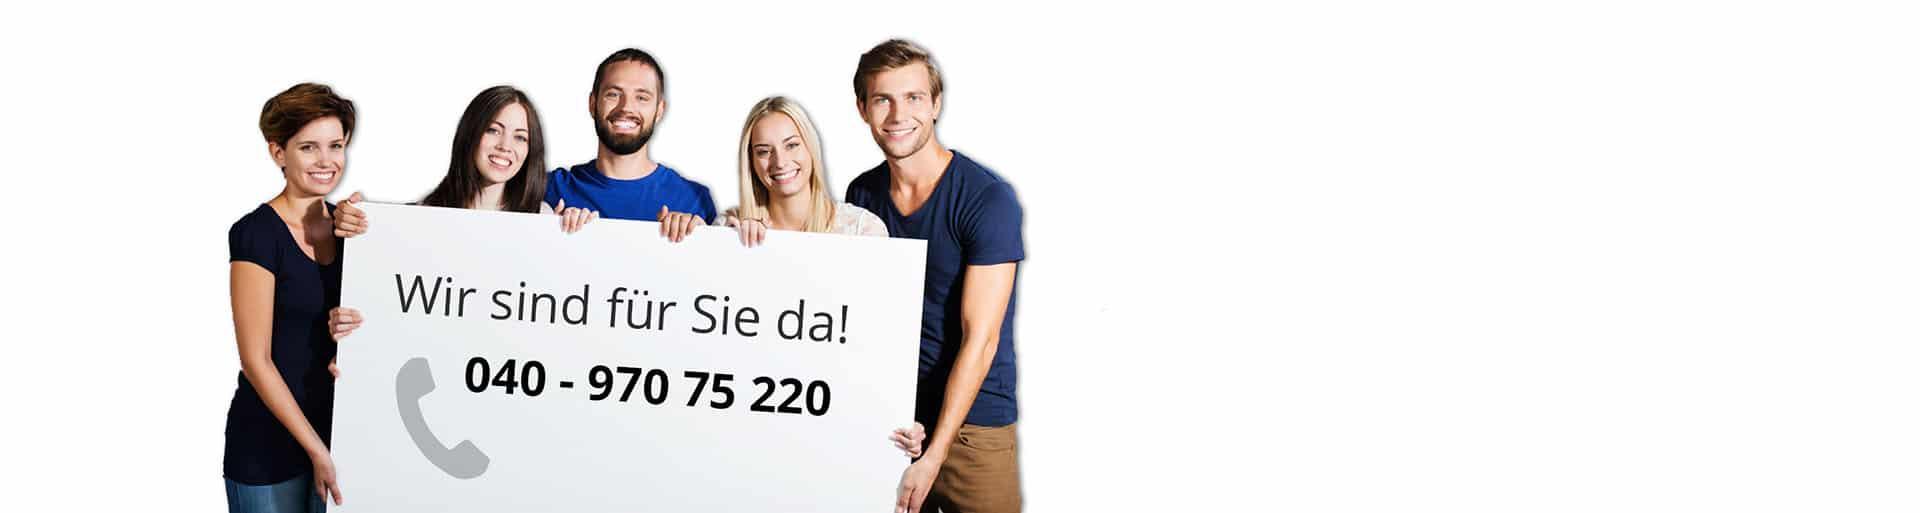 Kontaktformular Mr. Mousepad Service Team wir beraten Sie unter 040 970 75 220